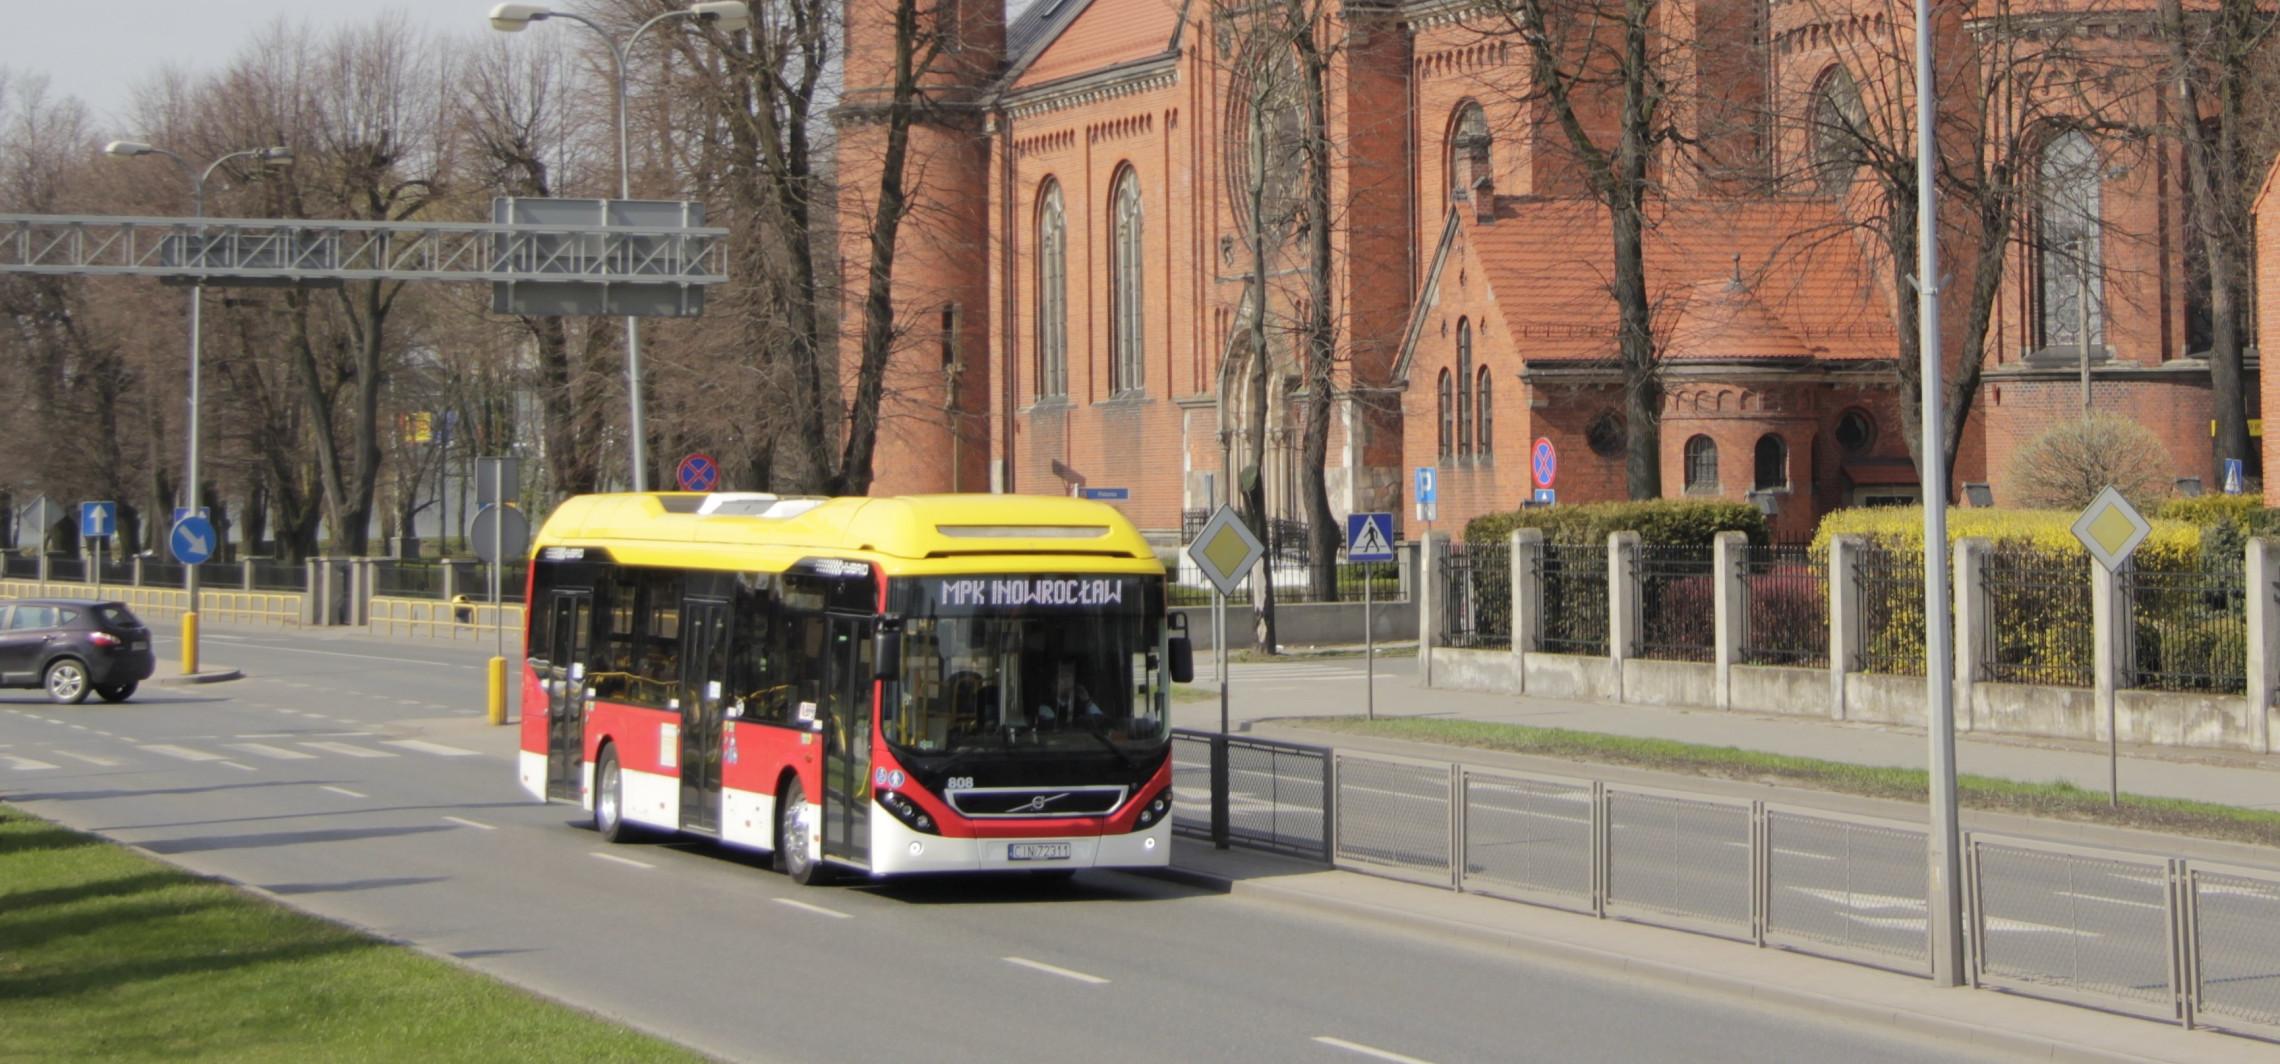 Inowrocław - Będzie korekta rozkładu jazdy dwóch linii MPK